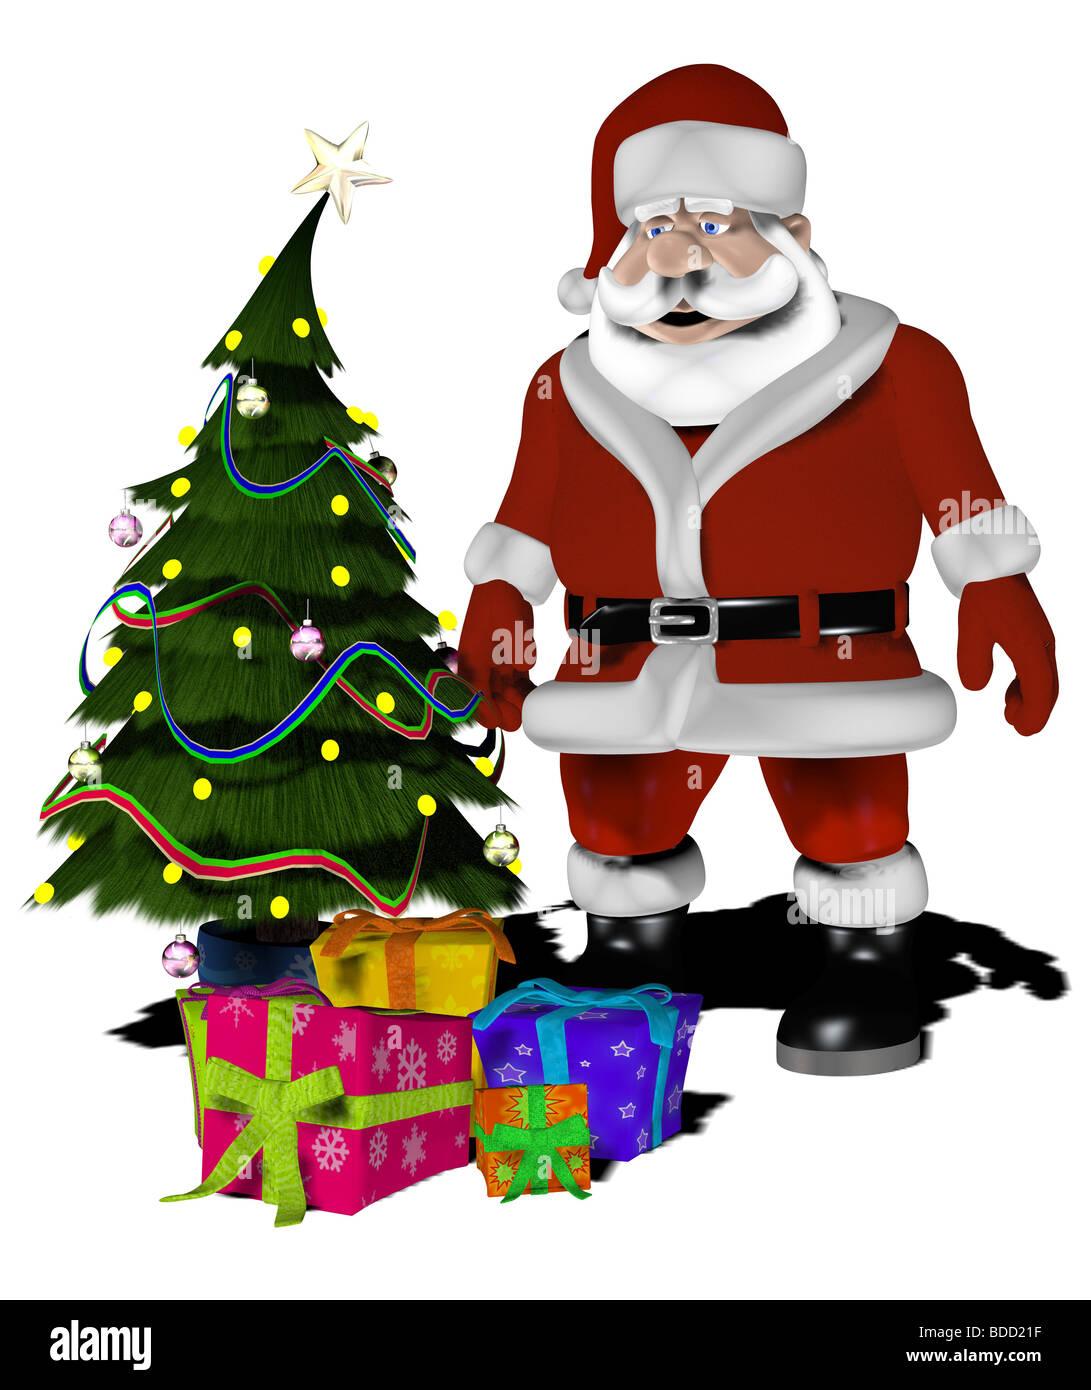 weihnachtsmann mit geschenken und weihnachtsbaum cartoon. Black Bedroom Furniture Sets. Home Design Ideas